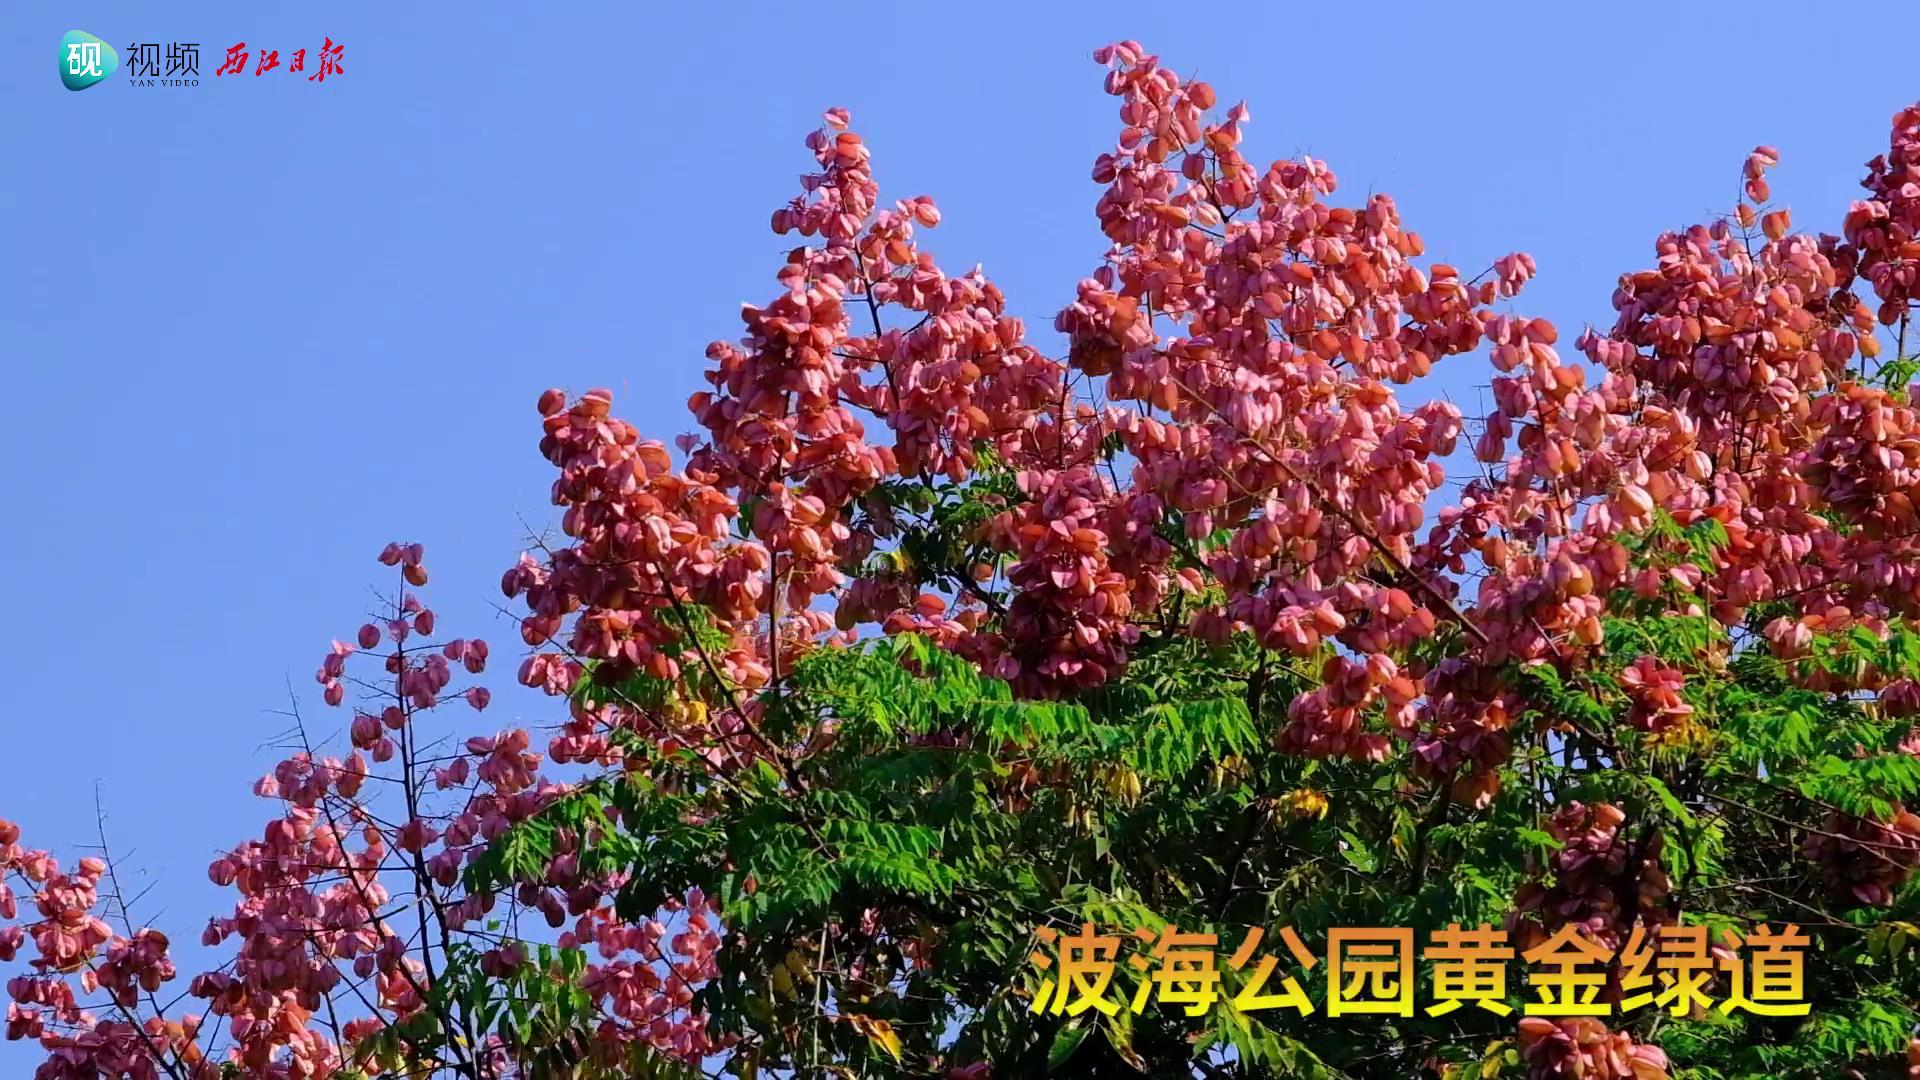 国庆假期,肇庆最美的风景